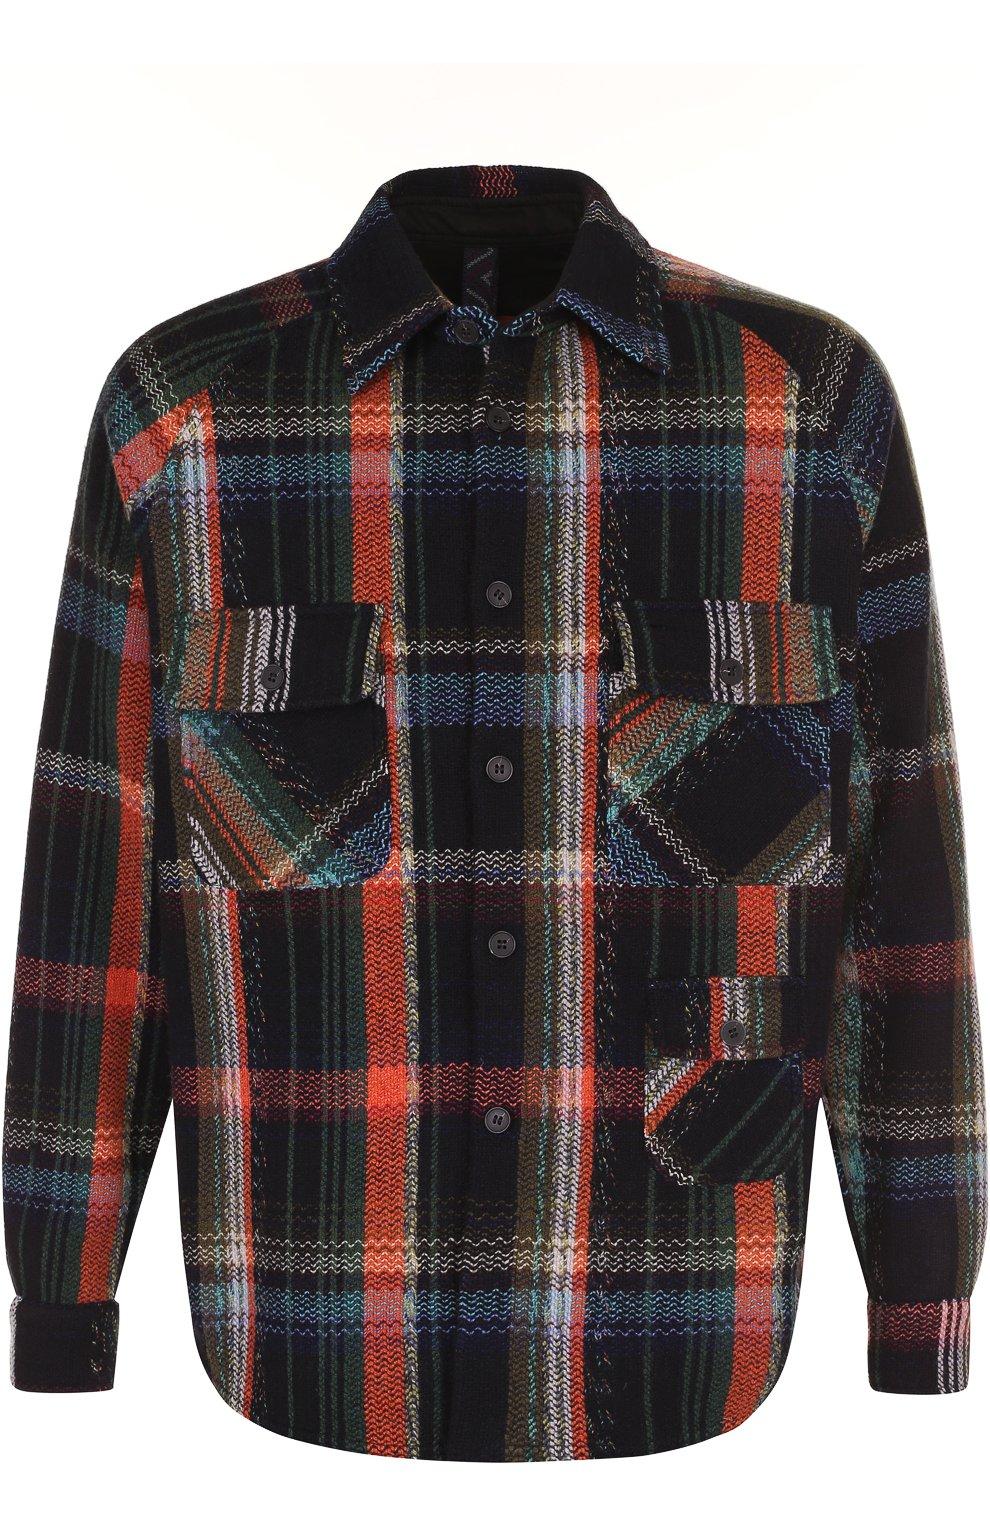 2a71a1e4b36 Мужская разноцветная шерстяная рубашка в клетку свободного кроя ...